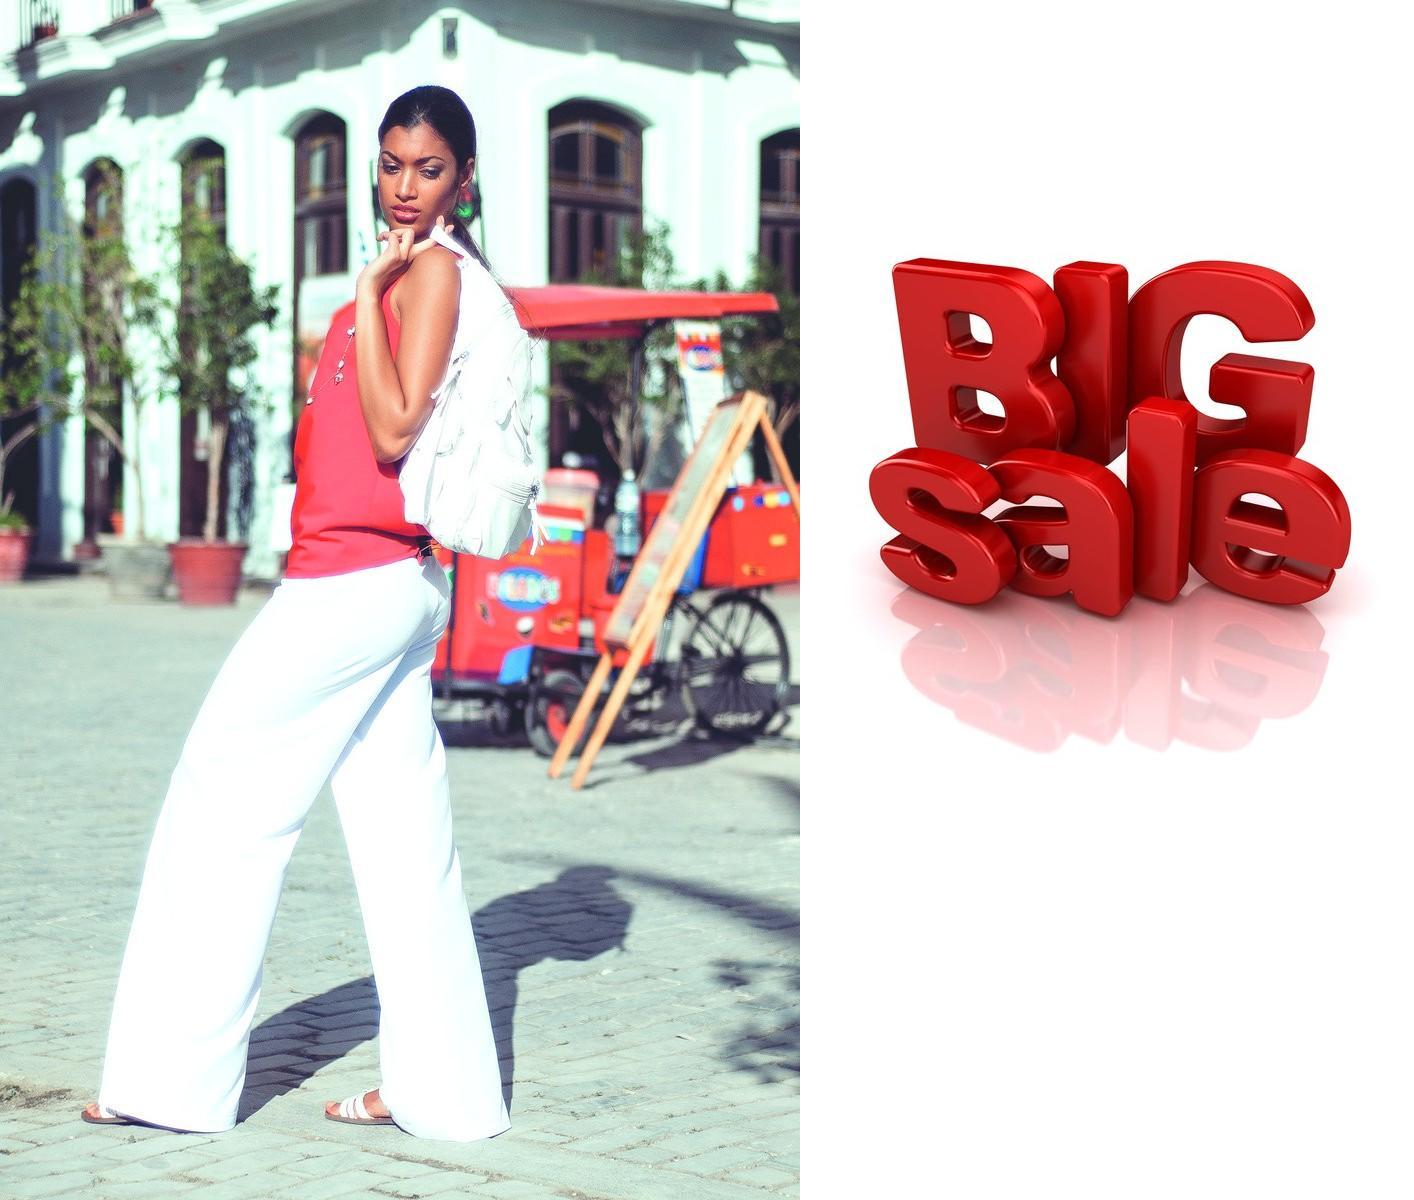 Уникальная экспресс распродажа Yarash и Yarmina. Скидки до 70%! Цены от 100руб. Добавлены новые модели! Юбки, блузки, брюки, платья, жакеты. Для стильных и деловых, для любящих комфорт и ценящих качество.